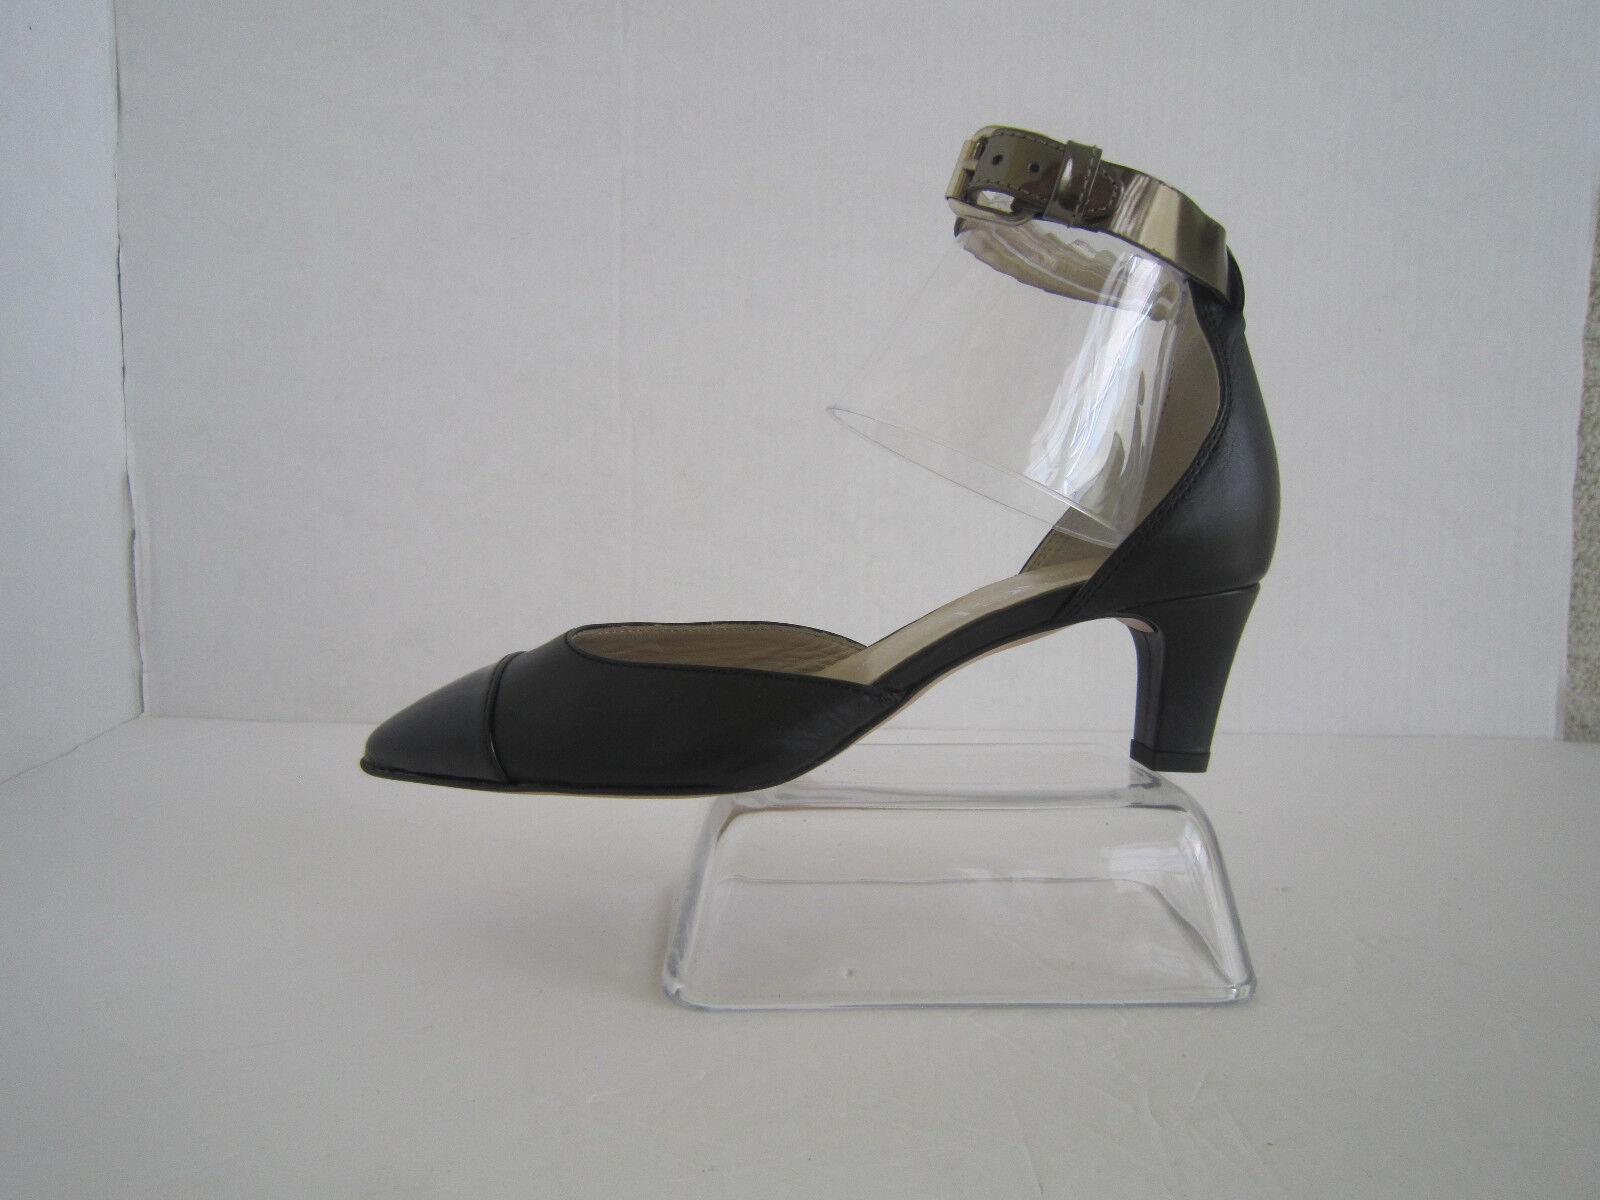 servizio di prima classe AGL Claire Ankle Strap Pumps Classic Leather Leather Leather nero Cap Toe scarpe Sz 36 Us 6  confortevole